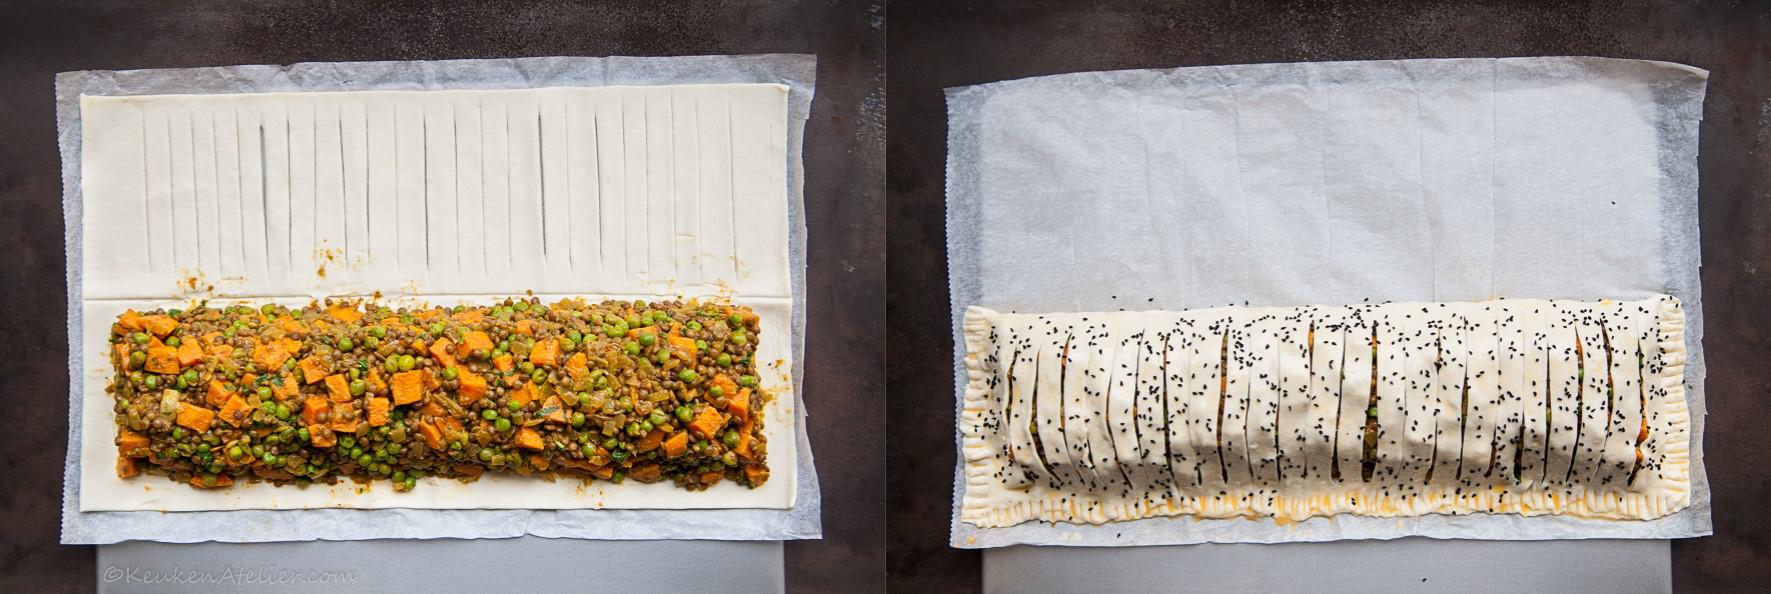 Vegetarische curry strudel met zoete aardappel en linzen how to | KeukenAtelier.com